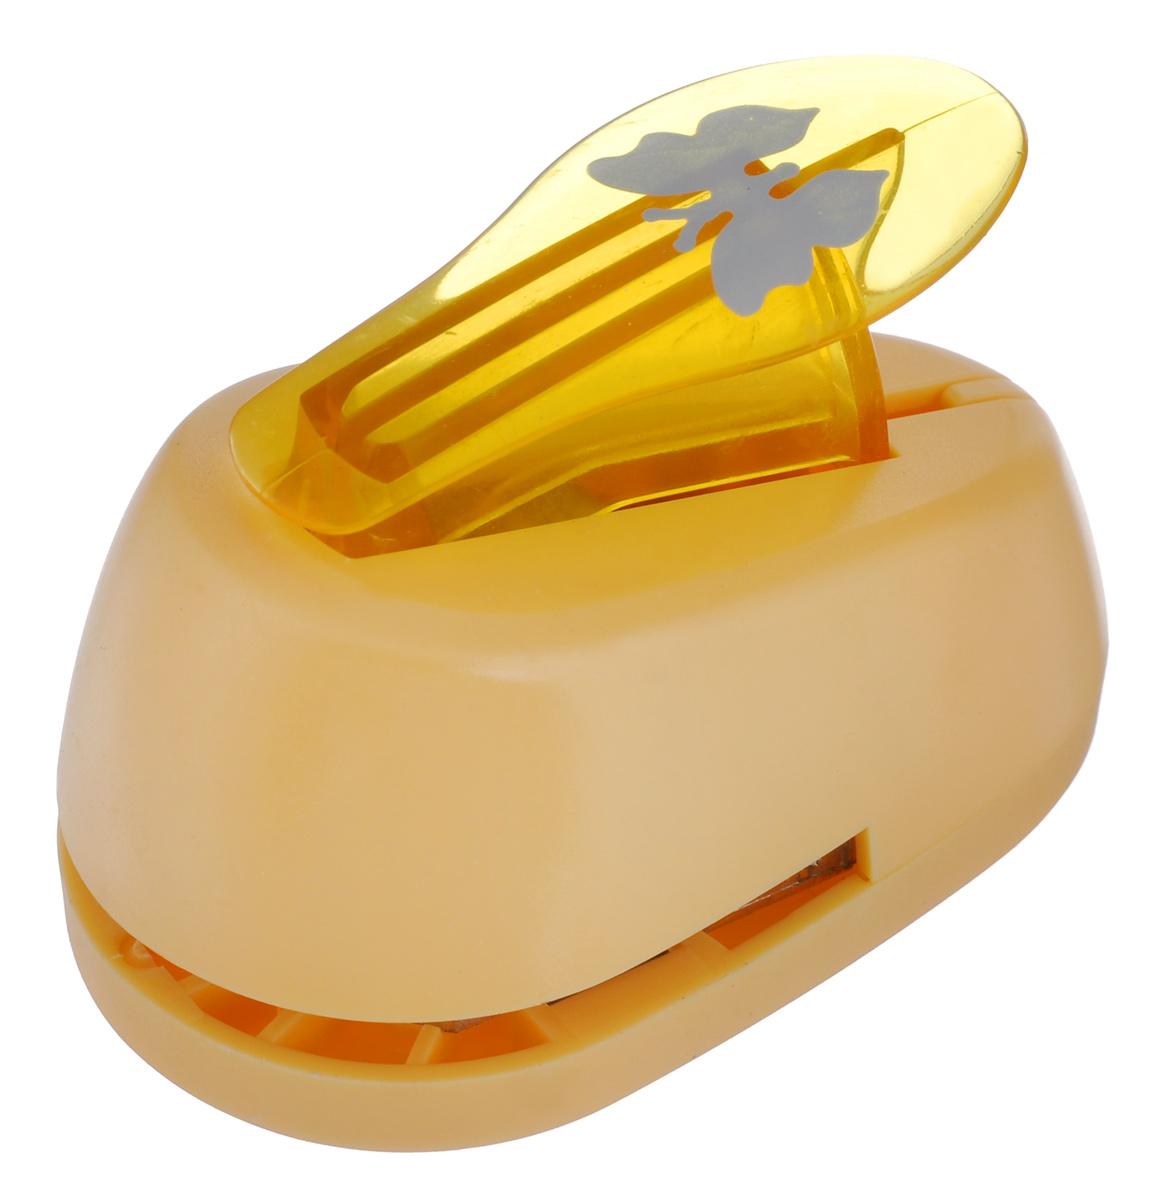 Дырокол фигурный Hobbyboom Бабочка, №2, цвет: оранжевый, 2,5 х 2 см36915Фигурный дырокол Hobbyboom Бабочка предназначен для создания творческих работ в технике скрапбукинг. С его помощью можно оригинально оформить открытки, украсить подарочные коробки, конверты, фотоальбомы. Дырокол вырезает из бумаги идеально ровные фигурки в виде бабочек, также используется для прорезания фигурных отверстий в бумаге. Предназначен для бумаги определенной плотности - до 200 г/м2. При применении на бумаге большей плотности или на картоне дырокол быстро затупится. Чтобы заточить нож компостера, нужно прокомпостировать самую тонкую наждачку. Чтобы смазать режущий механизм - парафинированную бумагу. Порядок работы: вставьте лист бумаги или картона в дырокол и надавите рычаг. Размер вырезаемой части: 2,5 см х 2 см.